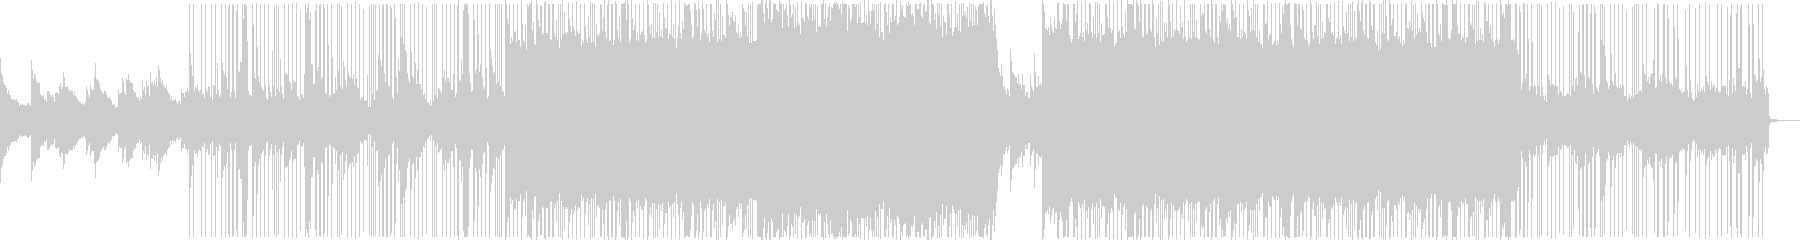 ハンドベルの音が心地よいシンプルなBGMの未再生の波形